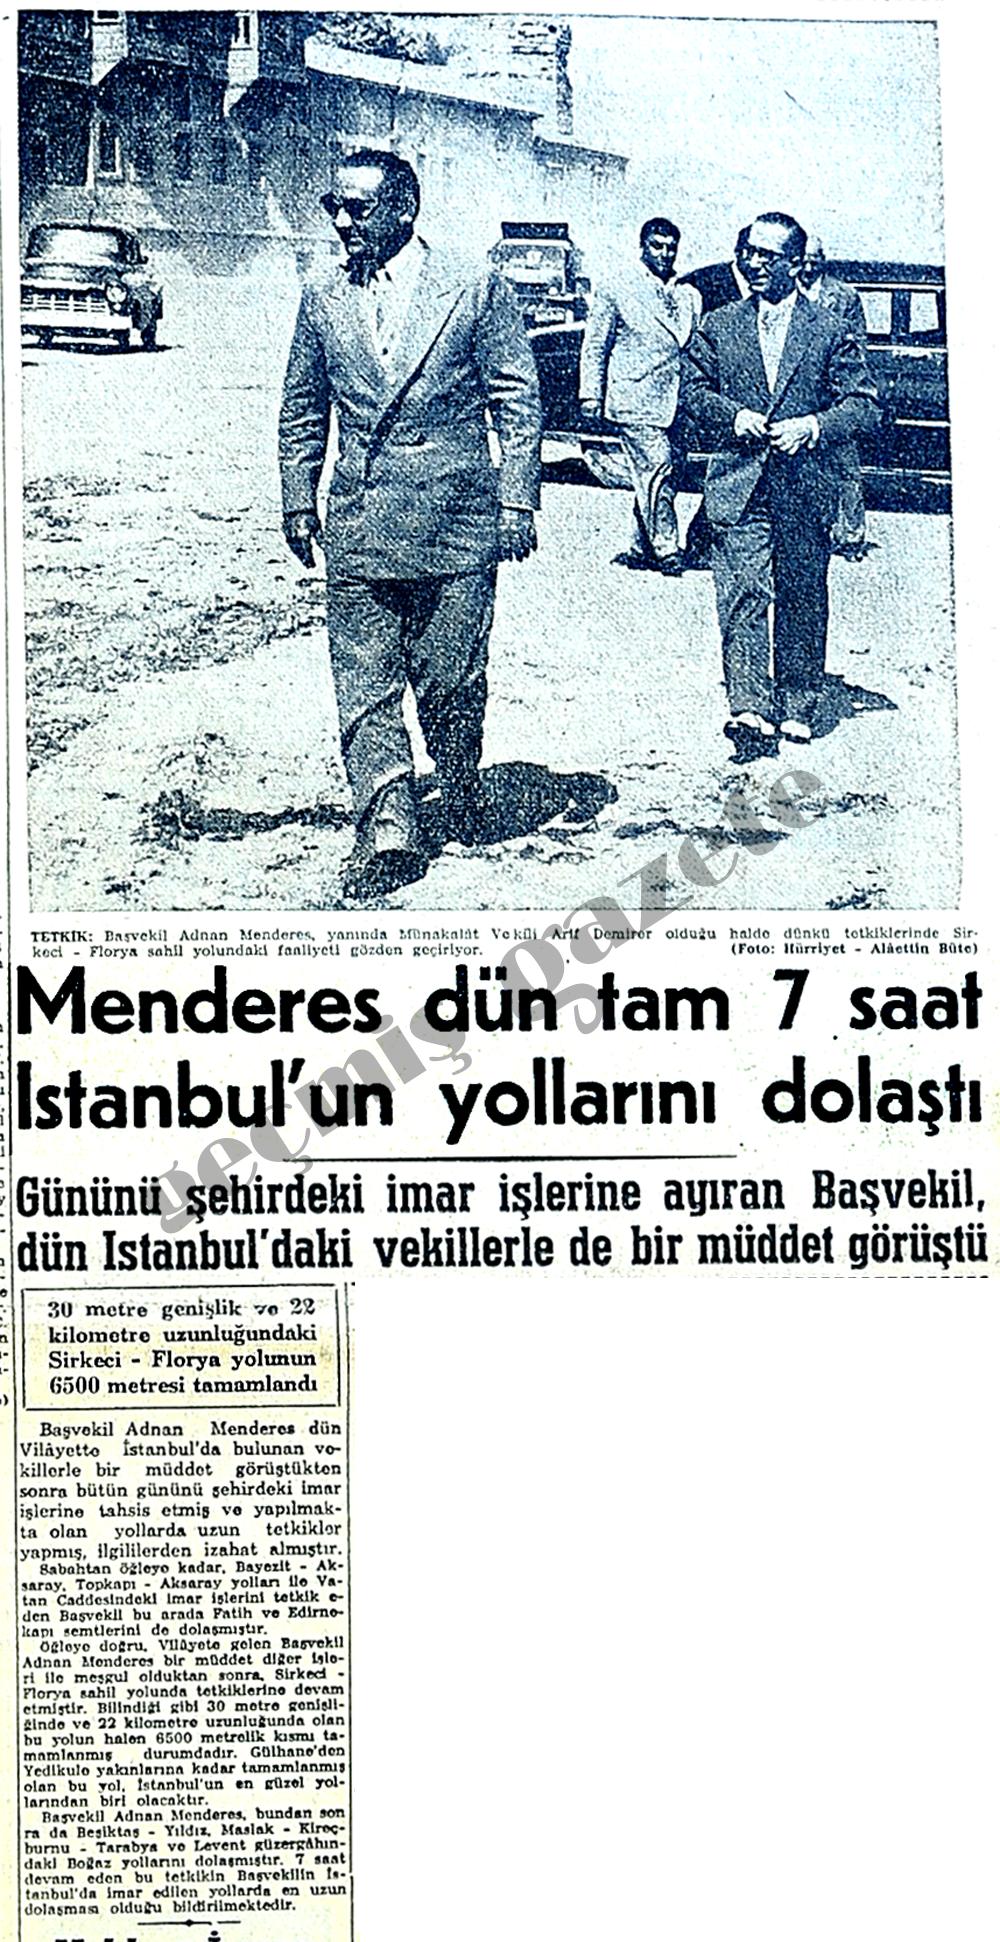 Menderes dün tam 7 saat İstanbul'un yollarını dolaştı